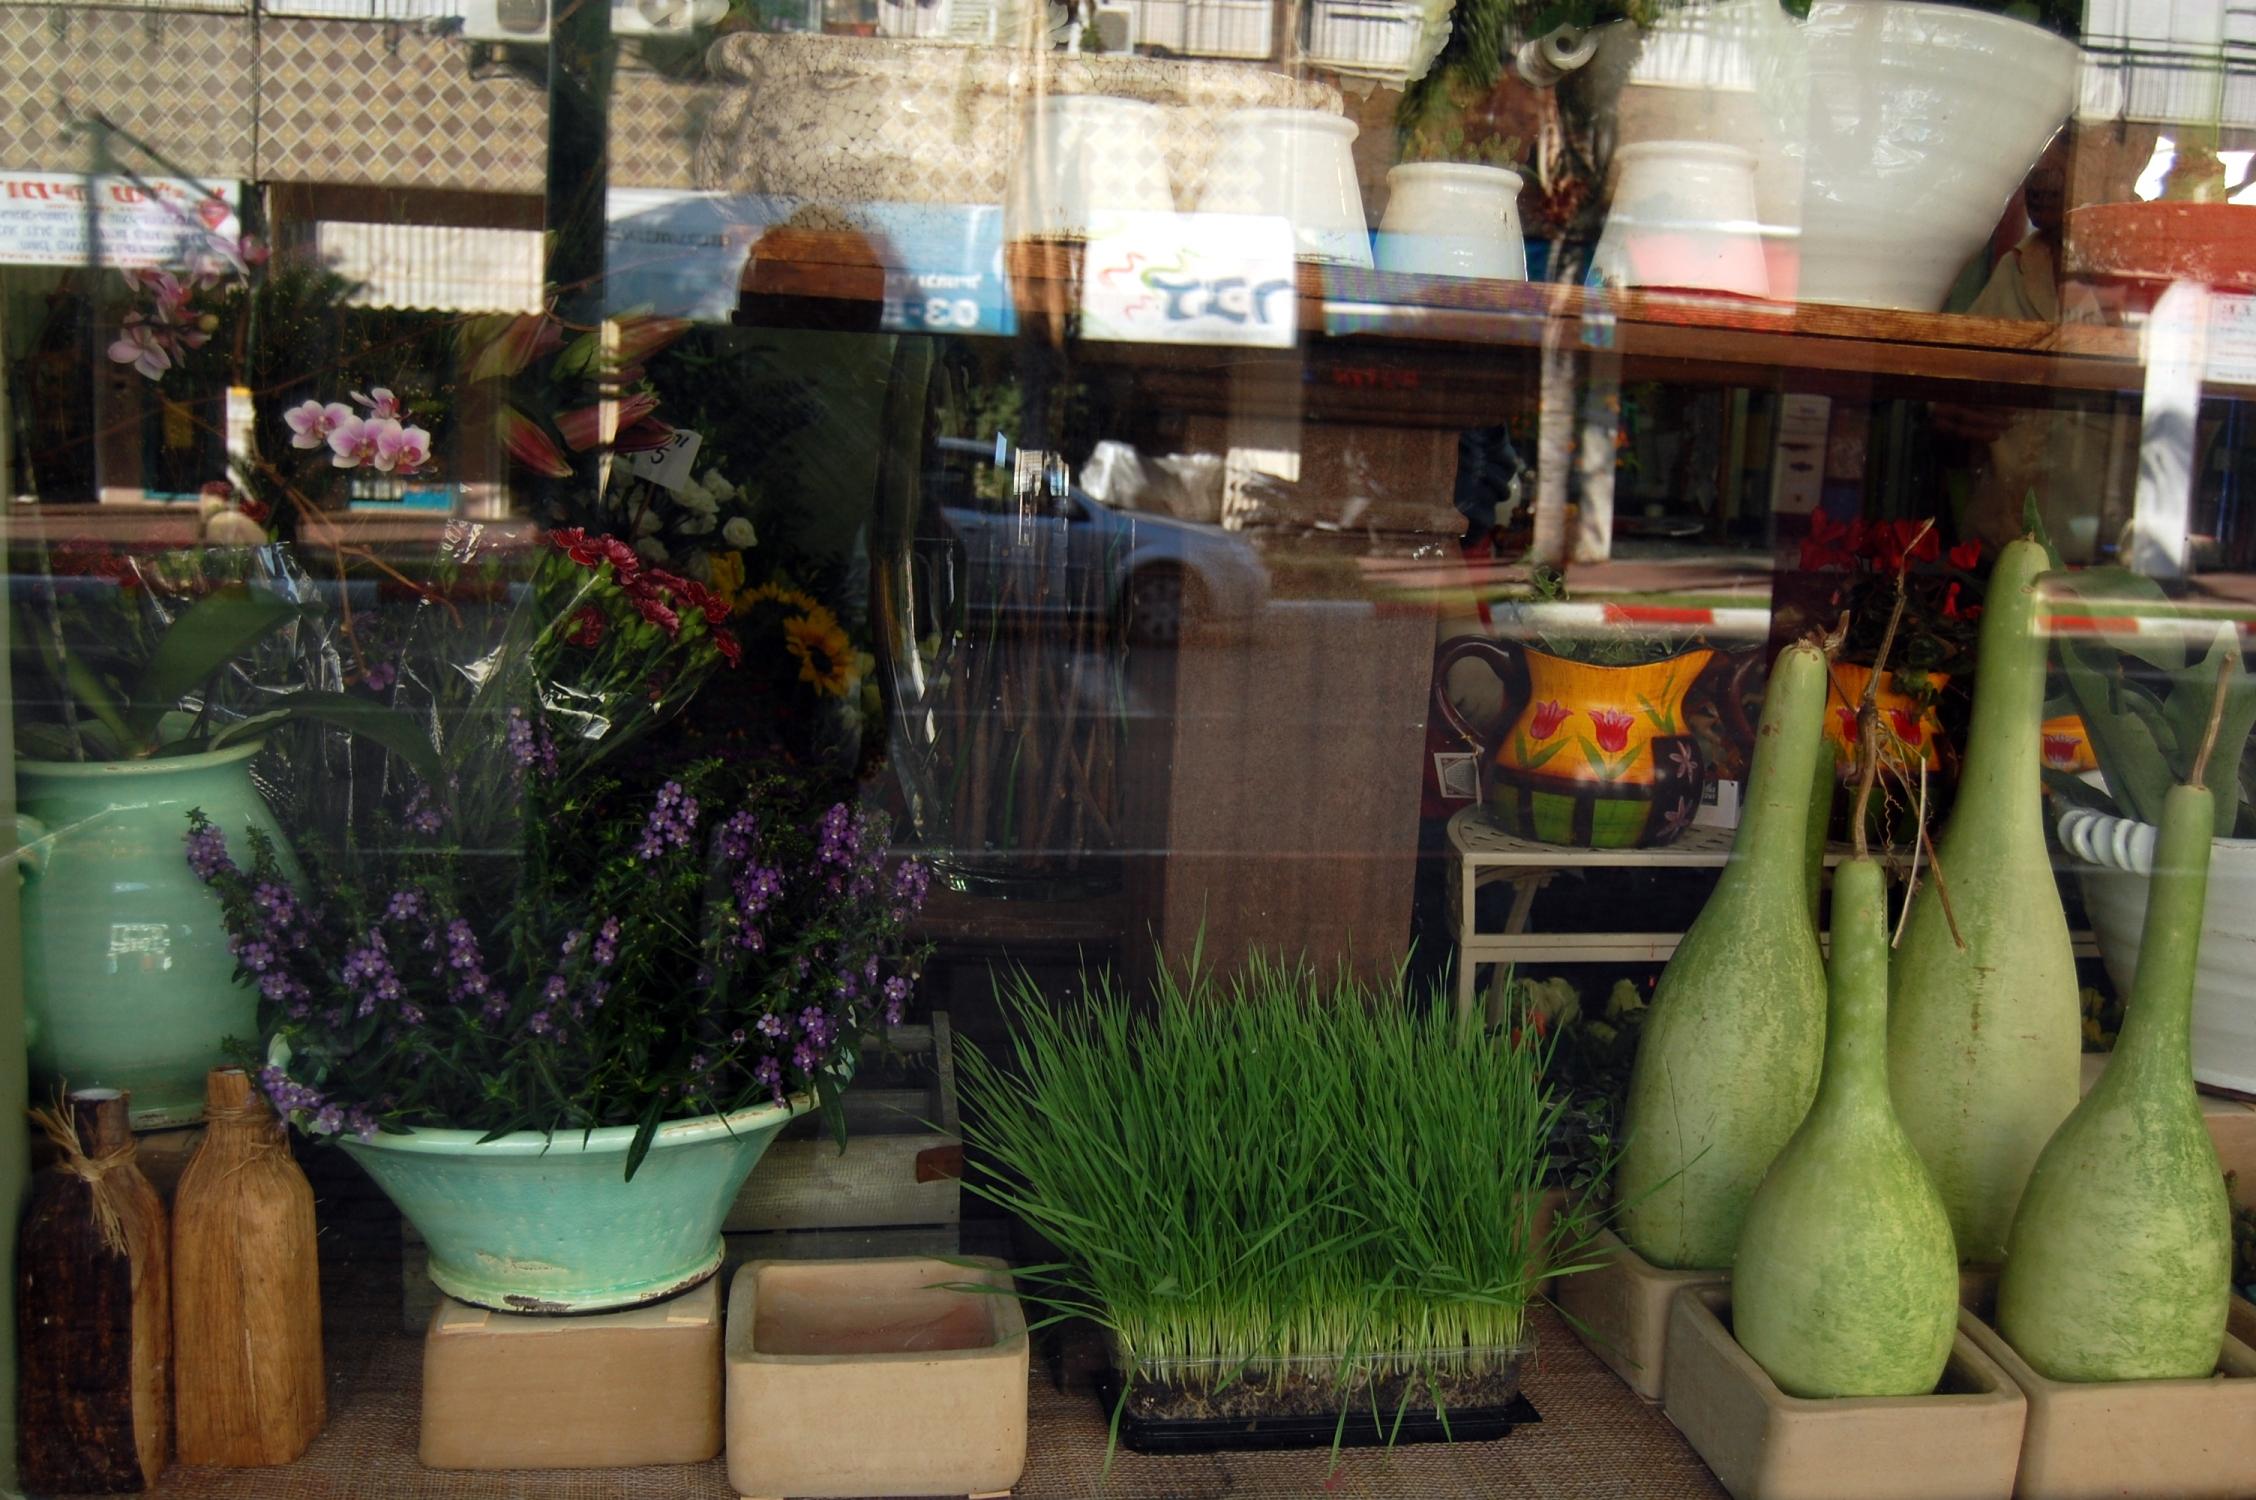 Window Flower arangements